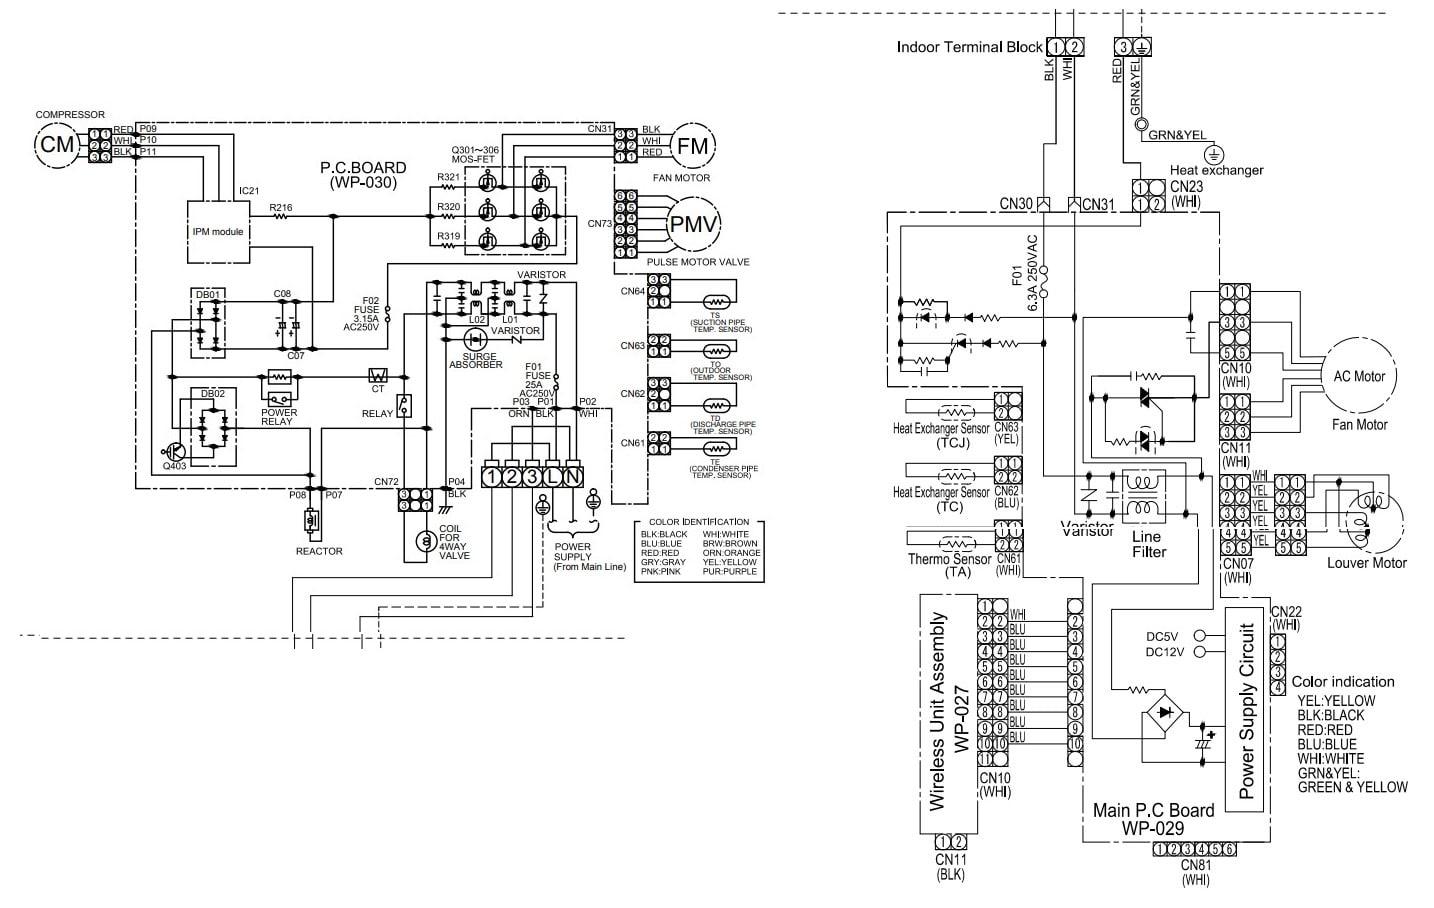 Toshiba AC Wiring Diagram RAS-B10N3KV2-E1 RAS-10N3AV2-E1